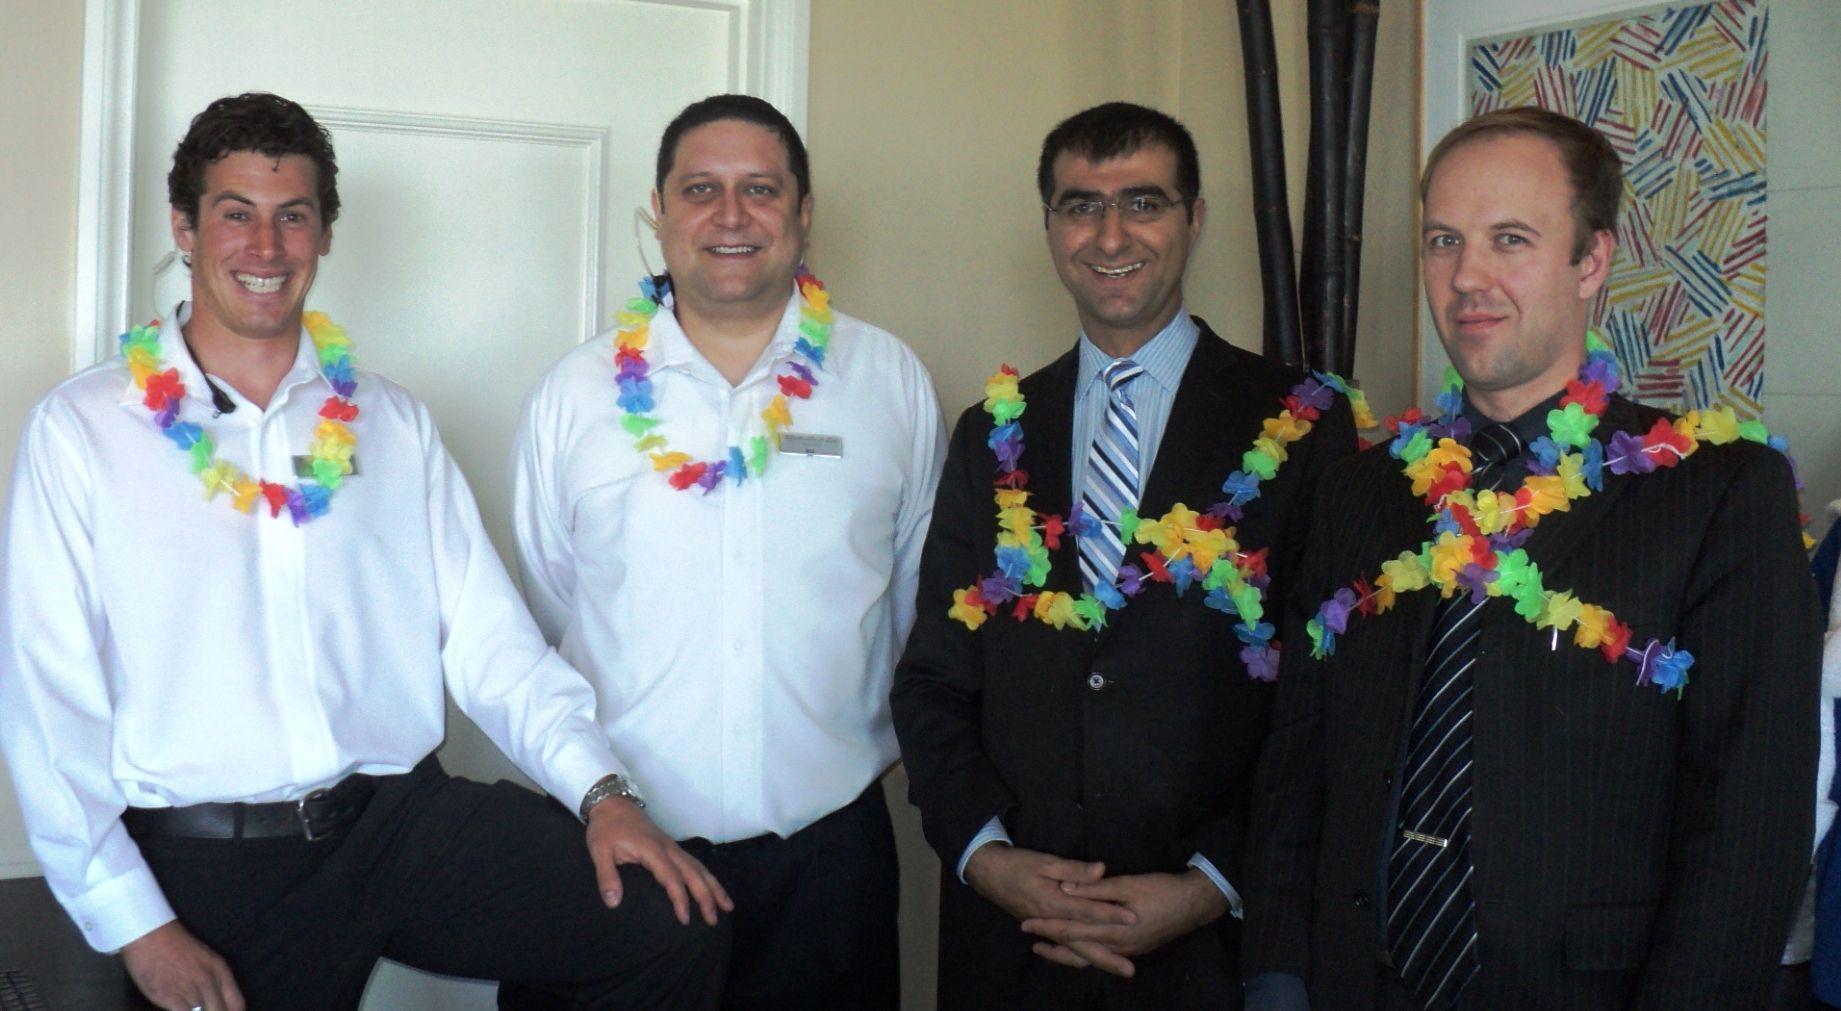 Gaston, Avi, Tolga & Eugene, living it up  in #Malibu!